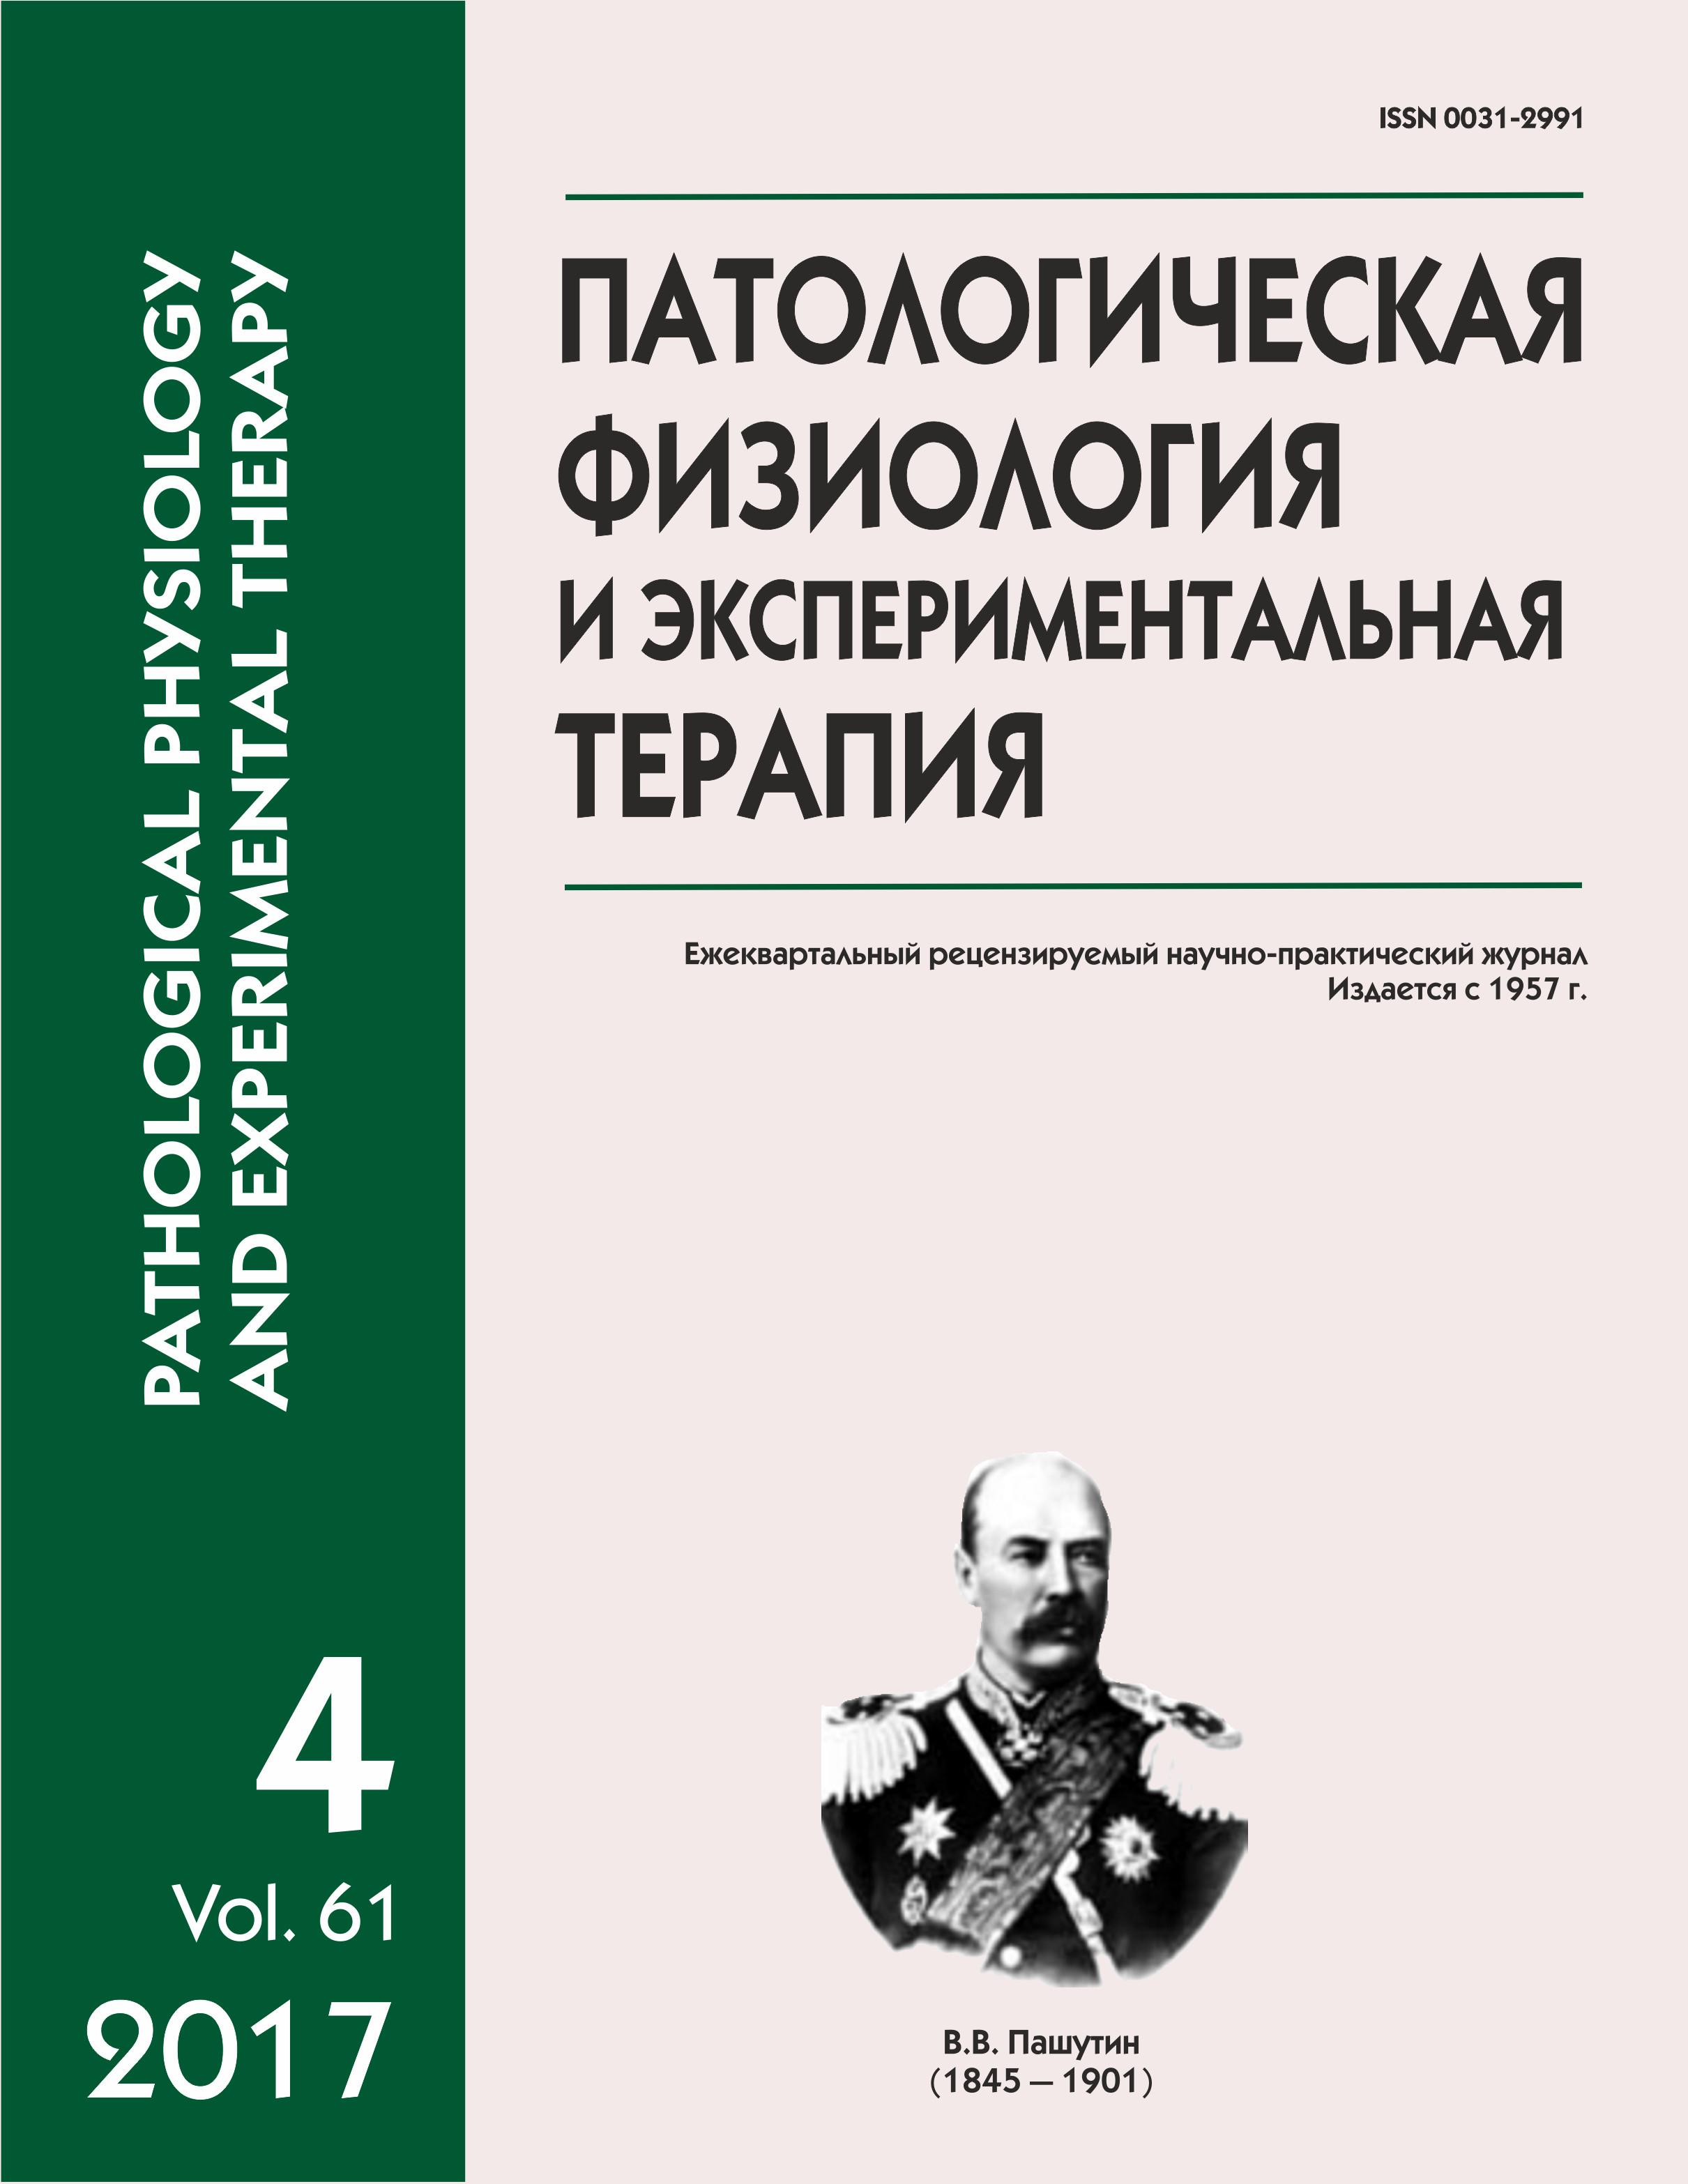 Новицкий патофизиология скачать бесплатно pdf